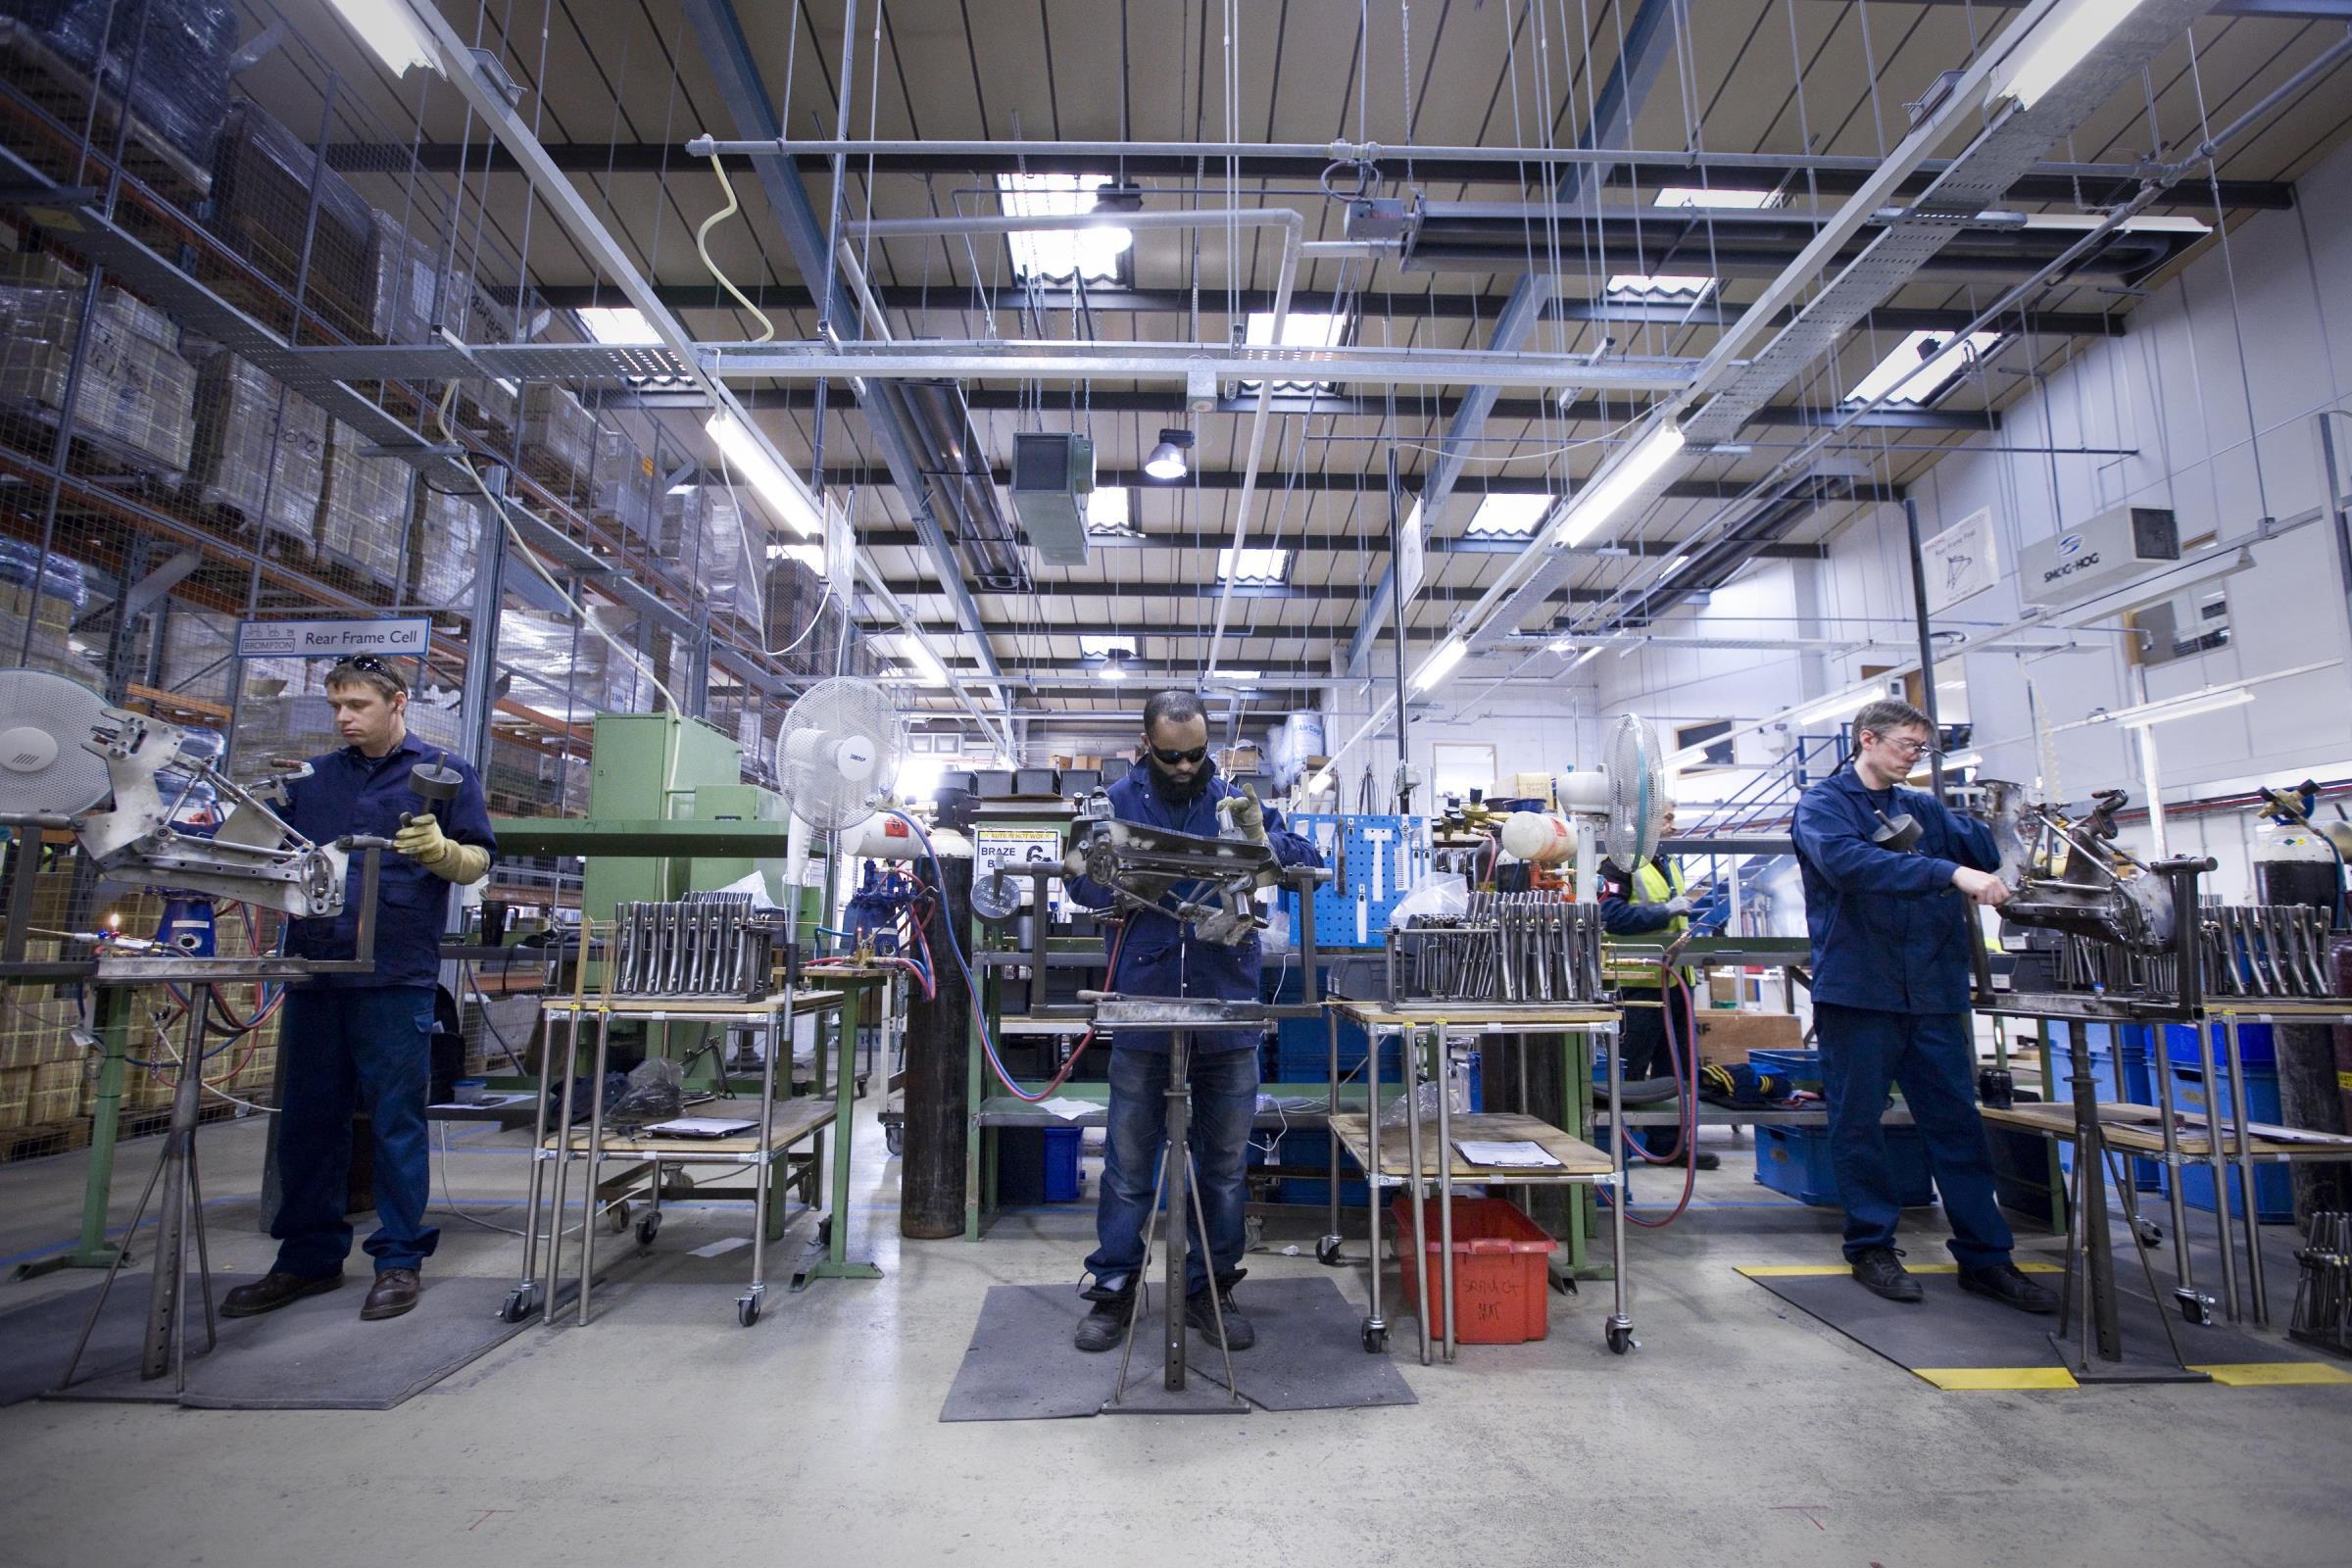 عضو بجمعية رجال الأعمال: يجب تحسين العلاقة بين العامل وصاحب العمل